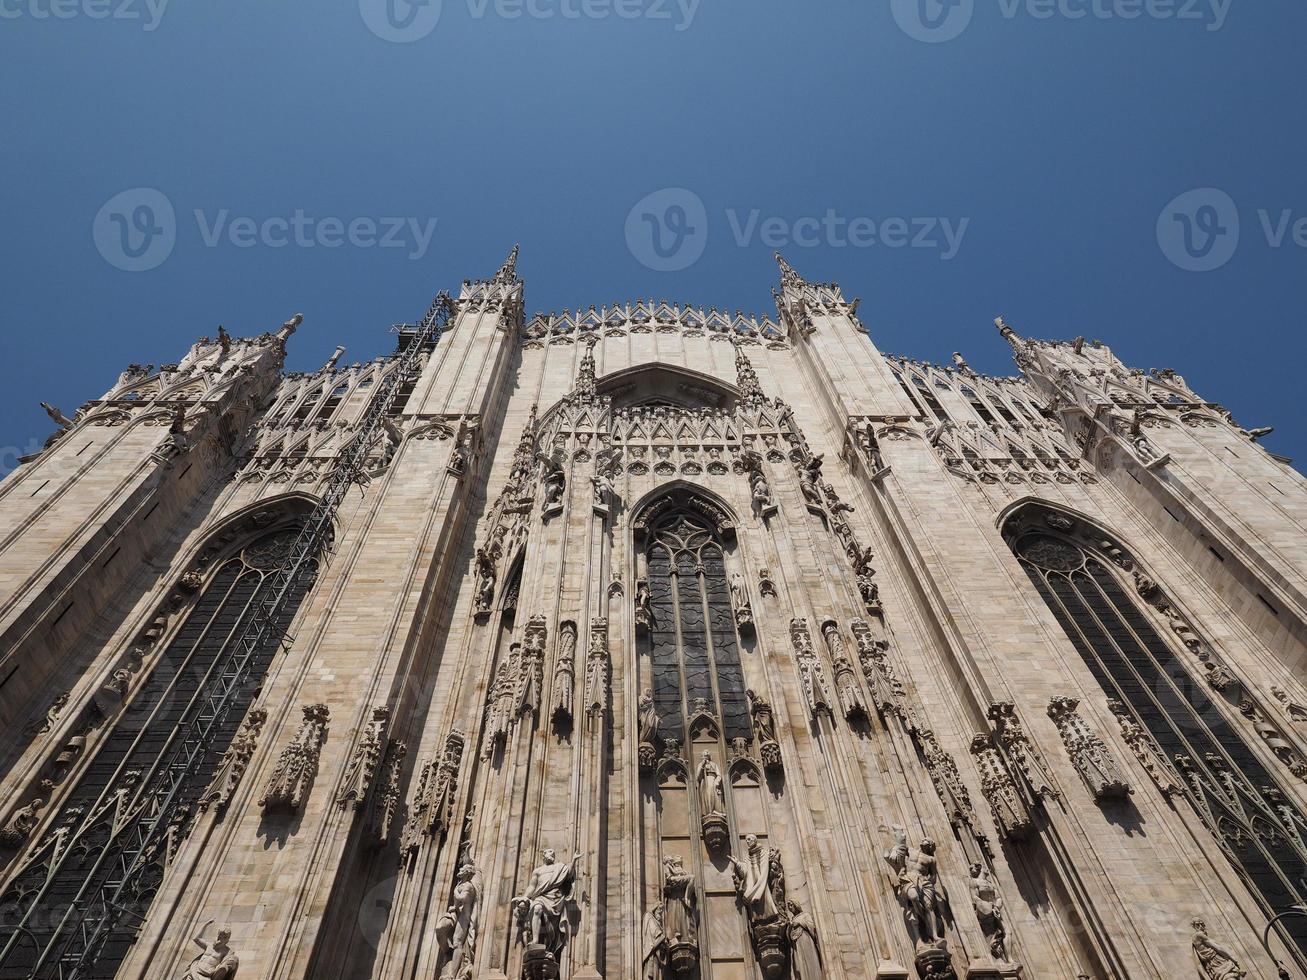 duomo signifiant cathédrale à milan photo